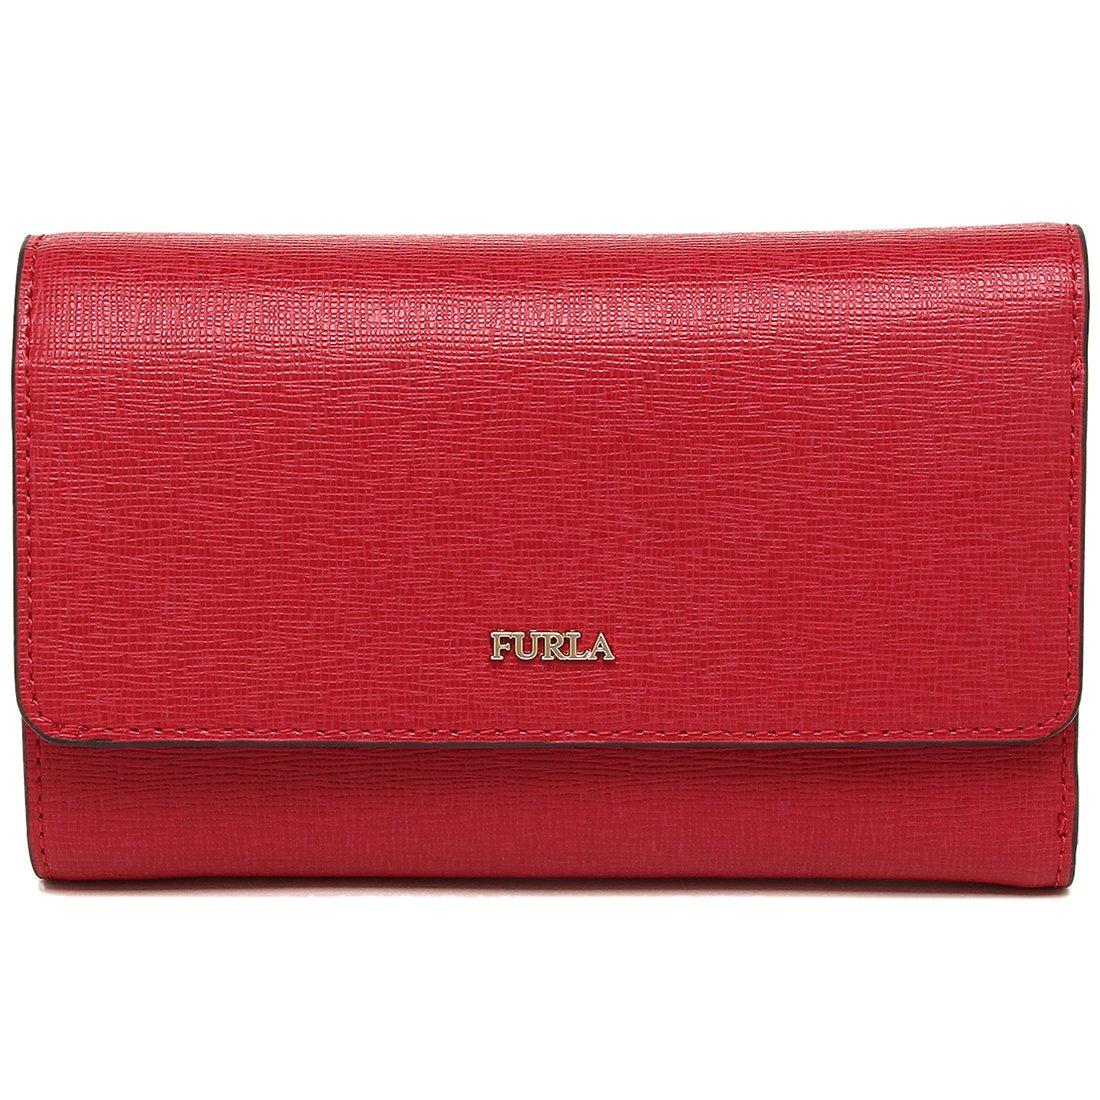 e52f62d89efd Amazon   [フルラ] 三つ折り財布 レディース FURLA 943533 PU76 B30 RUB レッド [並行輸入品]   財布